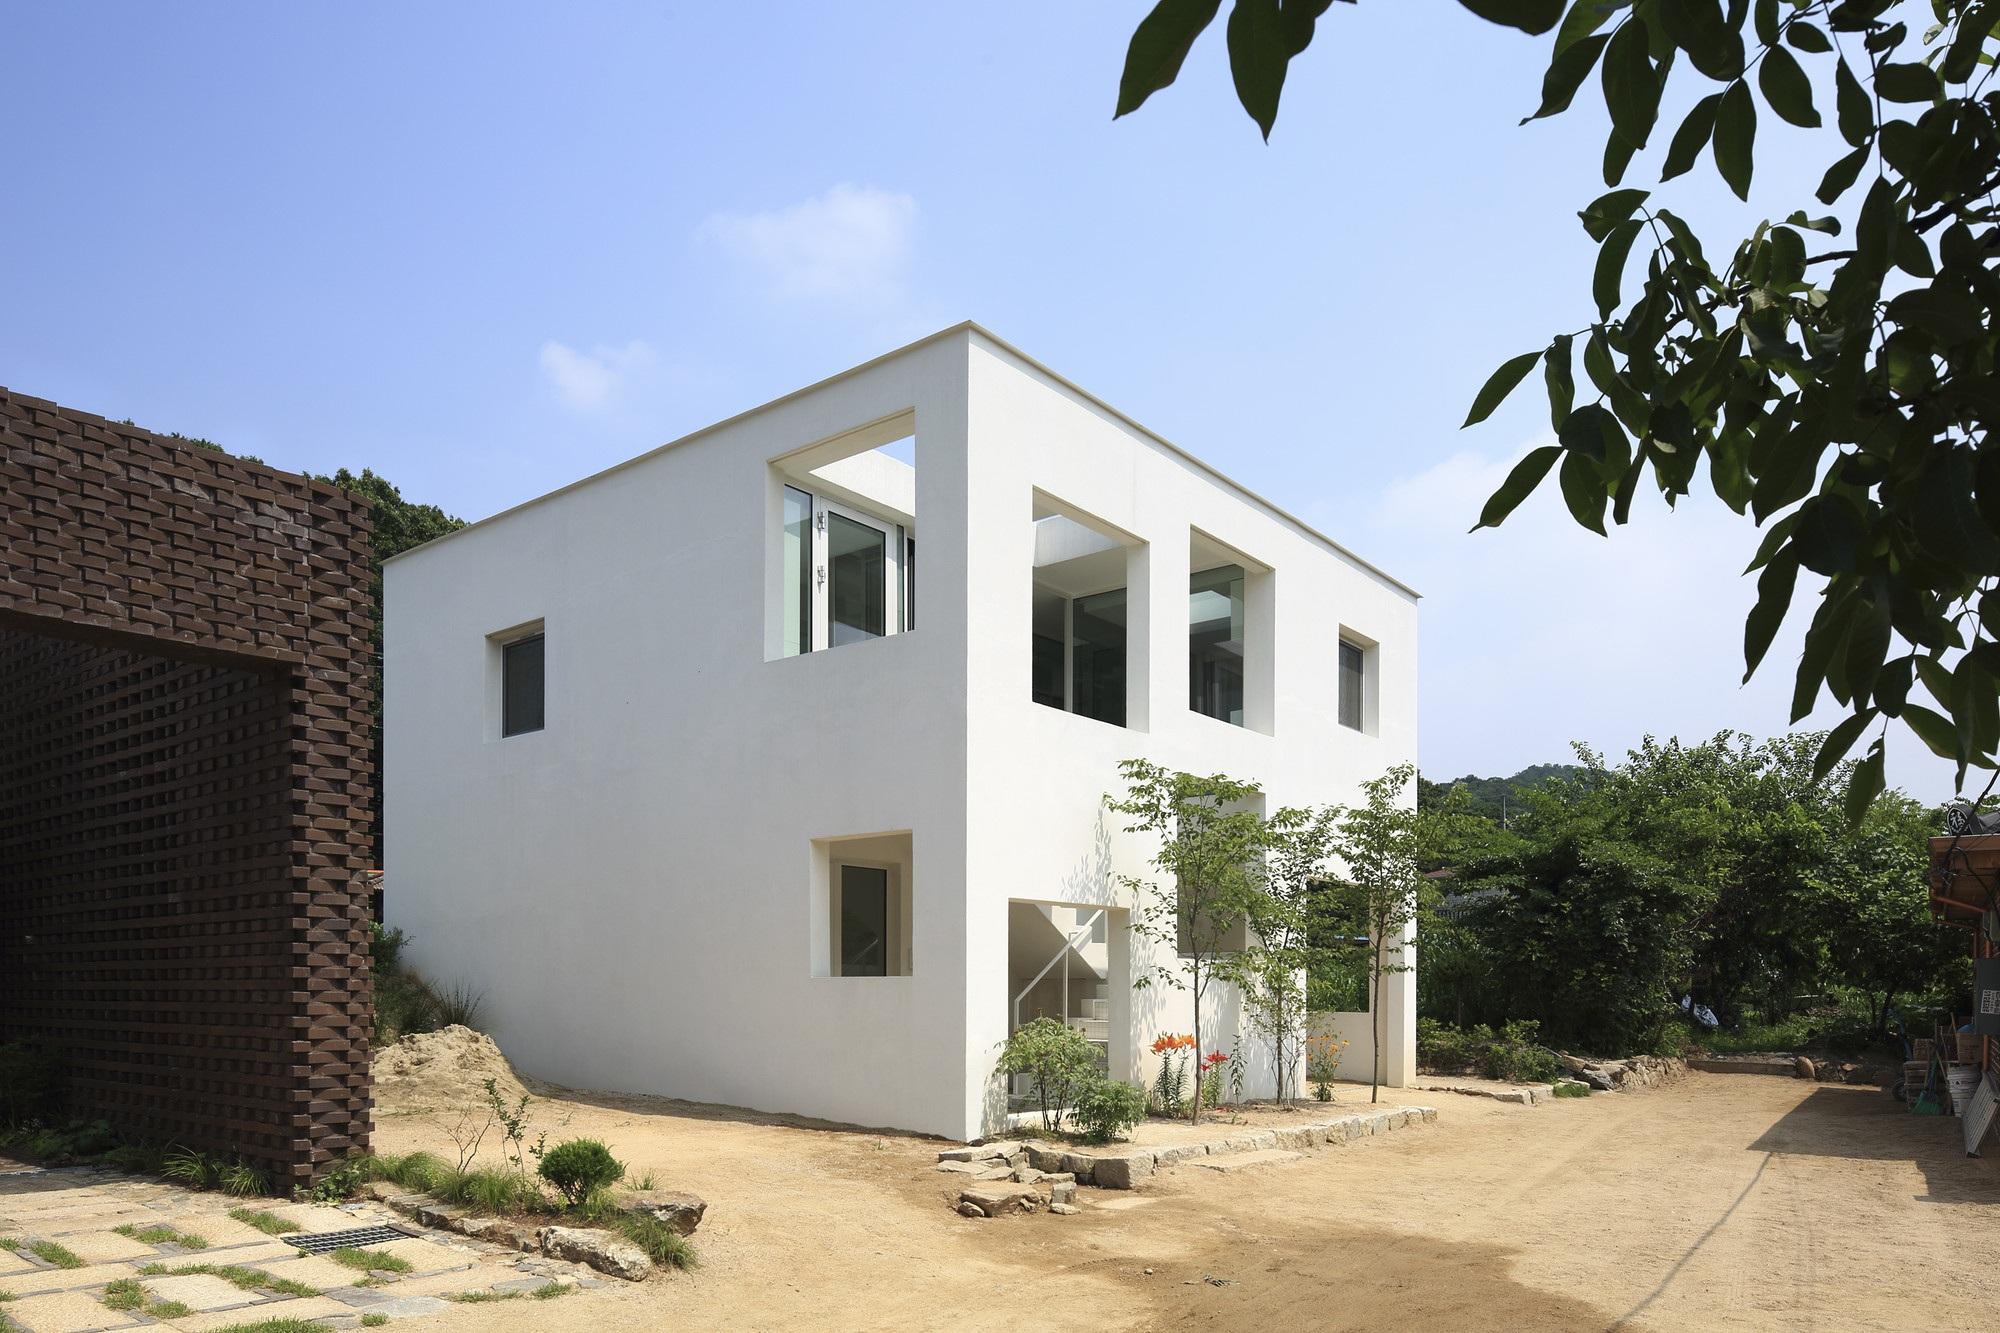 Ngôi nhà có cách giấu đồ nội thất dọc hành lang độc đáo - 1